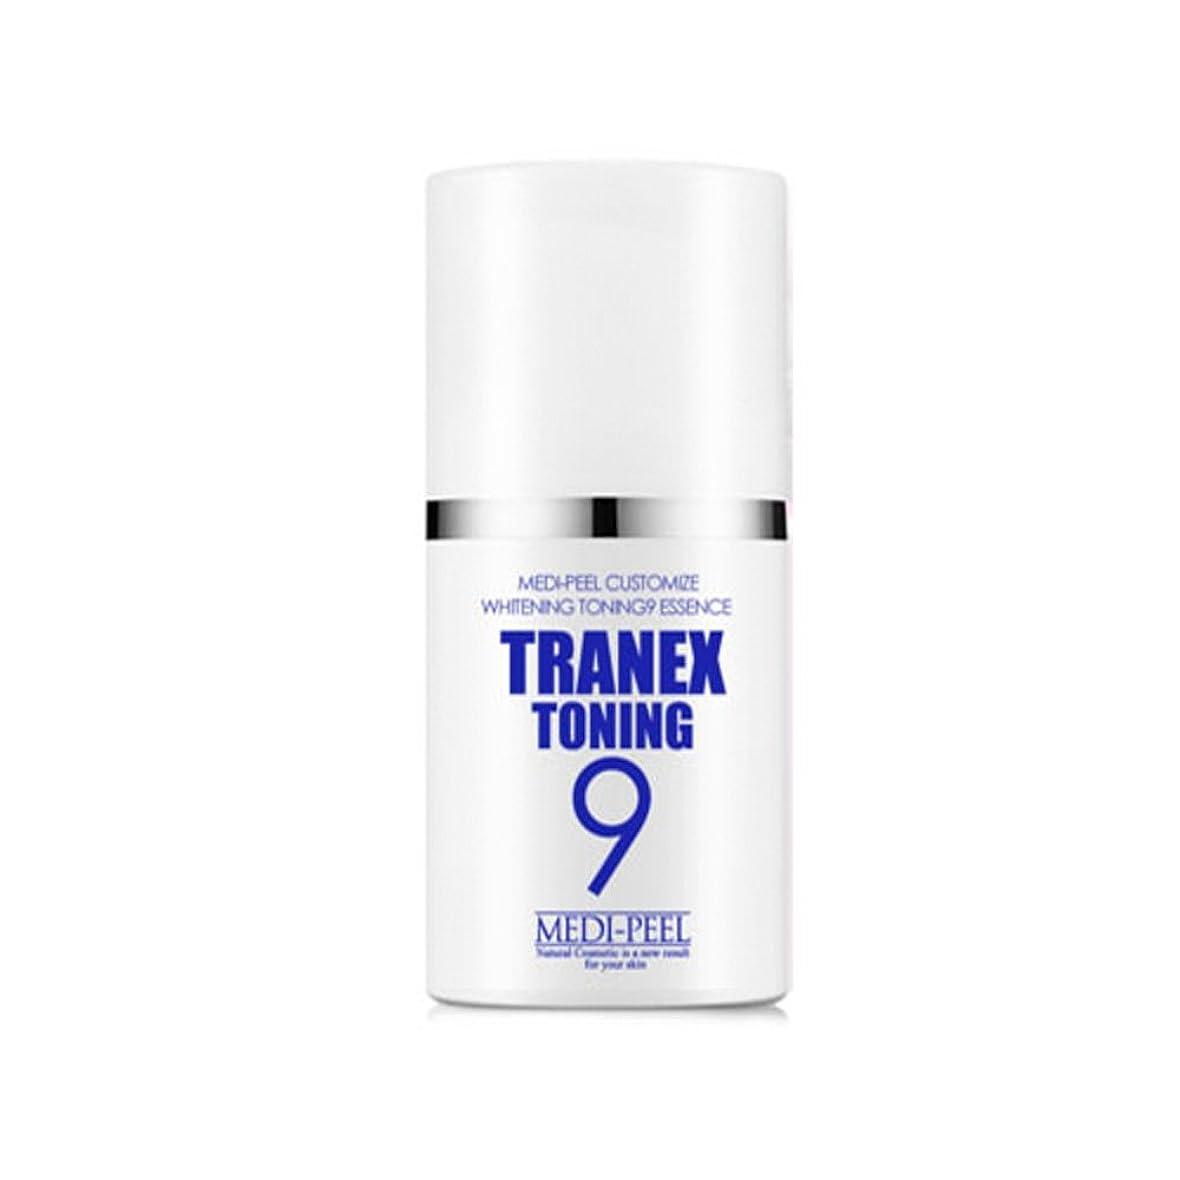 マニアックジレンマ鷹メディピール トーラーネック トーニング9 エッセンス(美白機能性化粧品)50ml. Medi-peel Tranex Toning9 Essense 50ml.